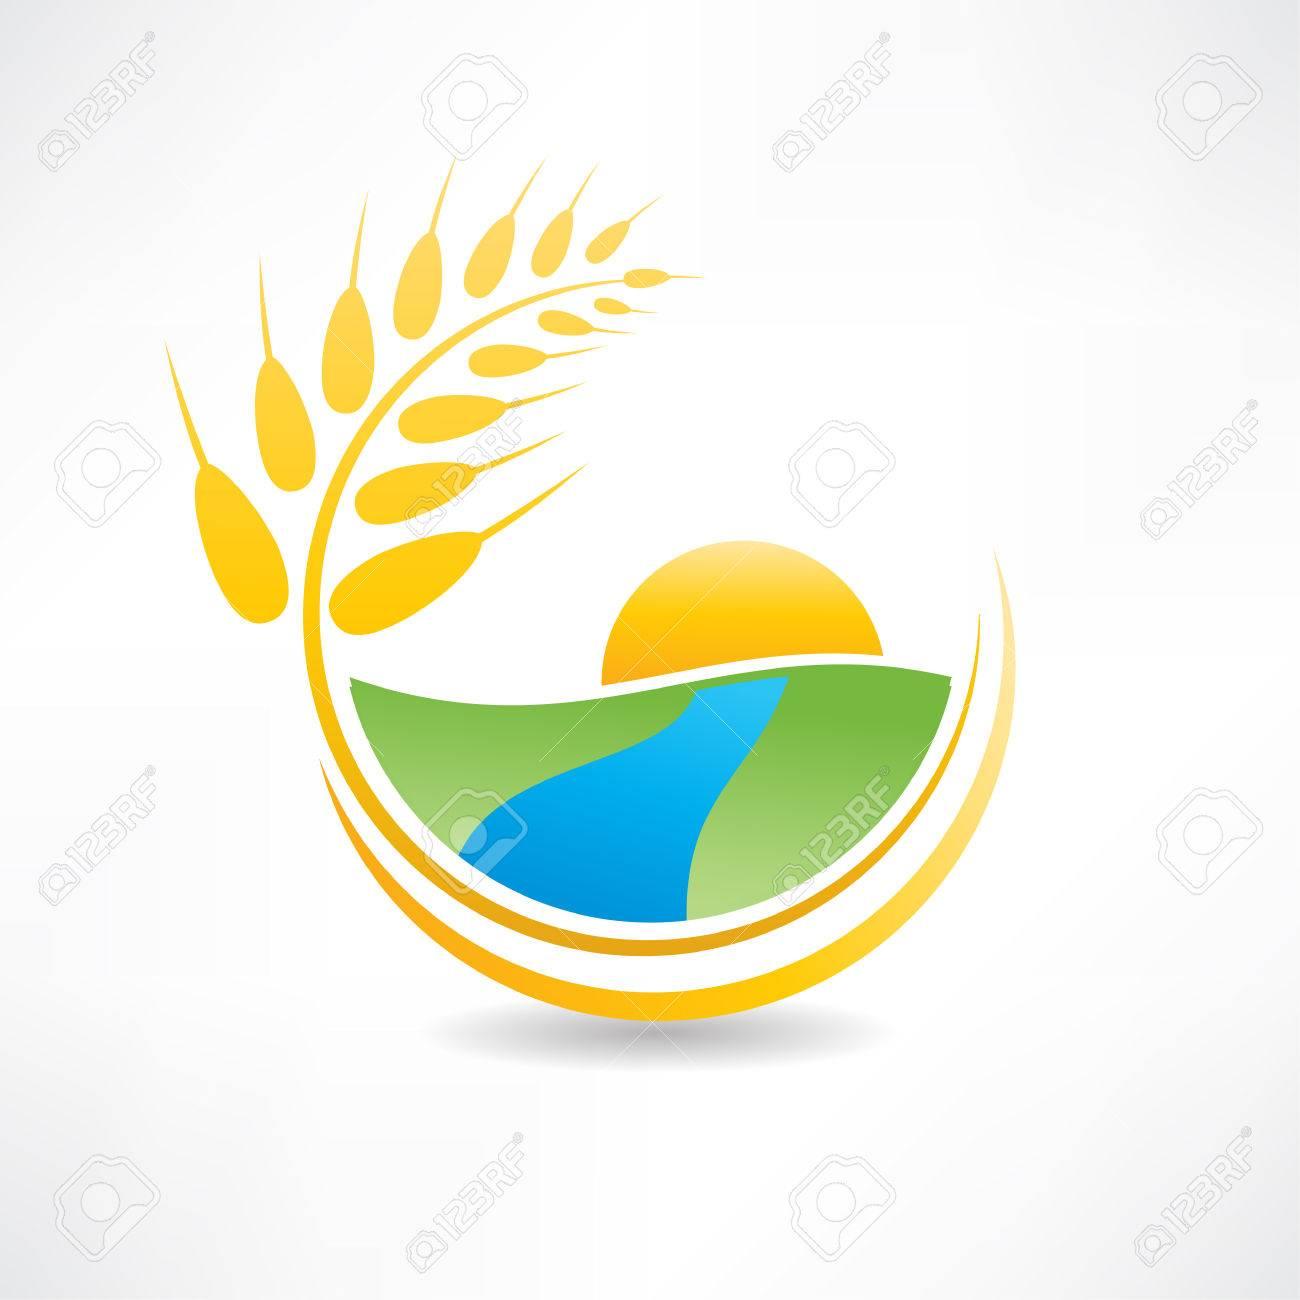 wheat field near the river icon Standard-Bild - 24584115